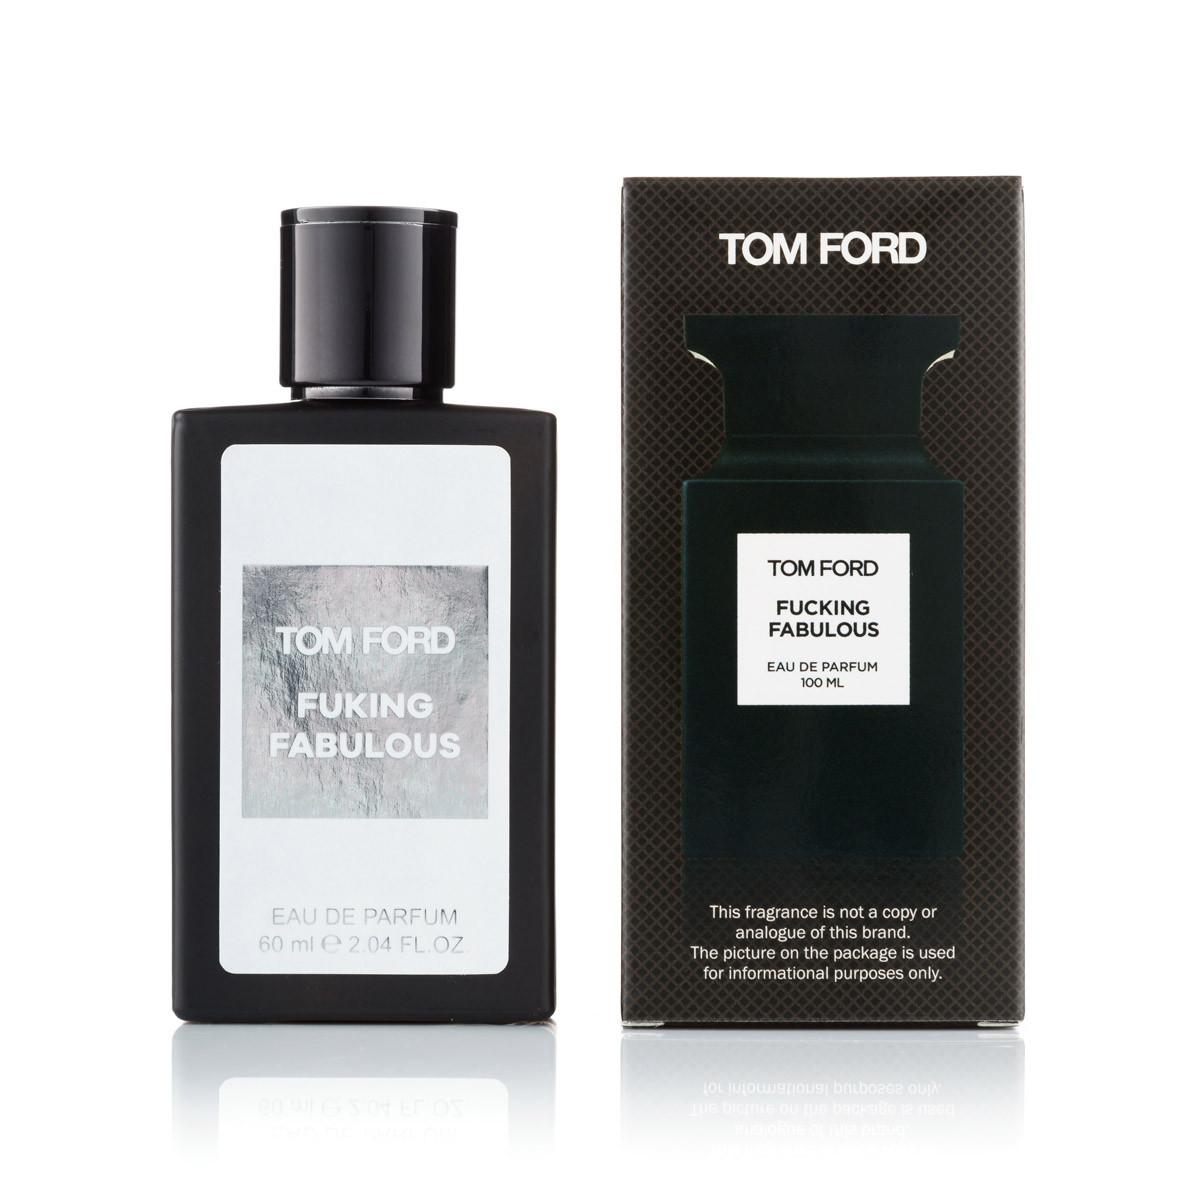 60 мл мини-парфюм Fucking Fabulous Tom Ford  (унисекс)